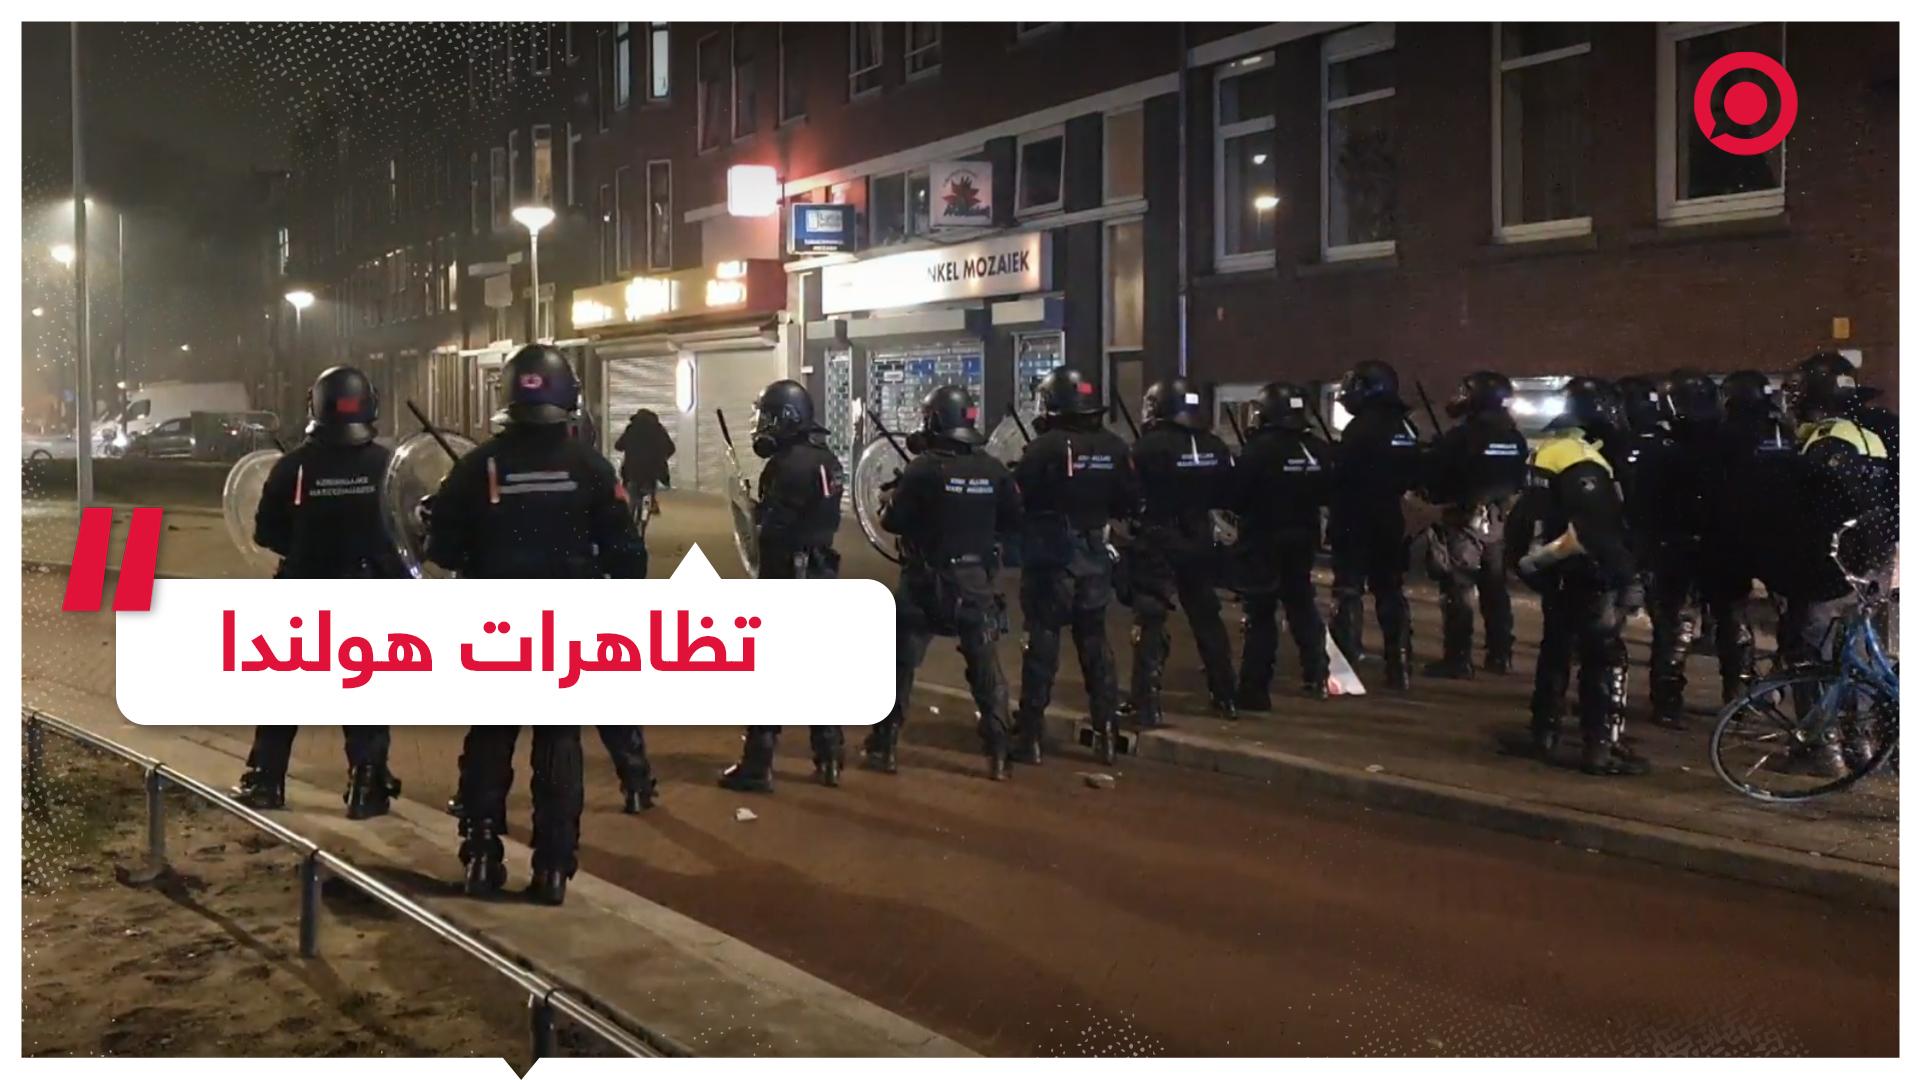 احتجاجات في هولندا ومواجهات مع الشرطة واعتقال نحو 300 شخص